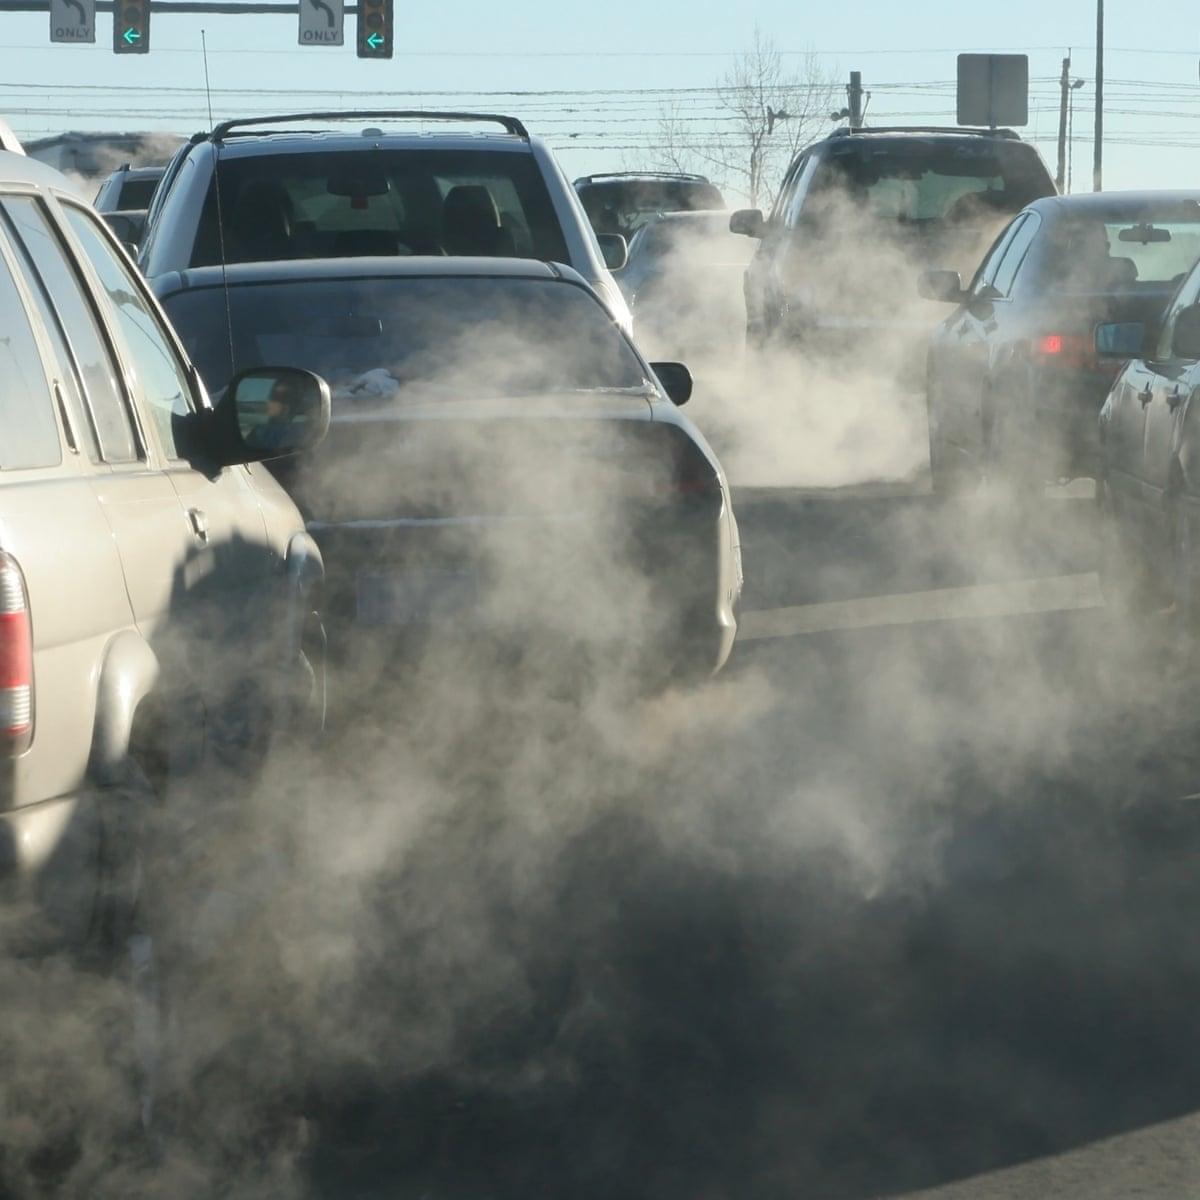 Brașov: Propunere de dezbatere pentru interzicerea mașinilor diesel în oraș